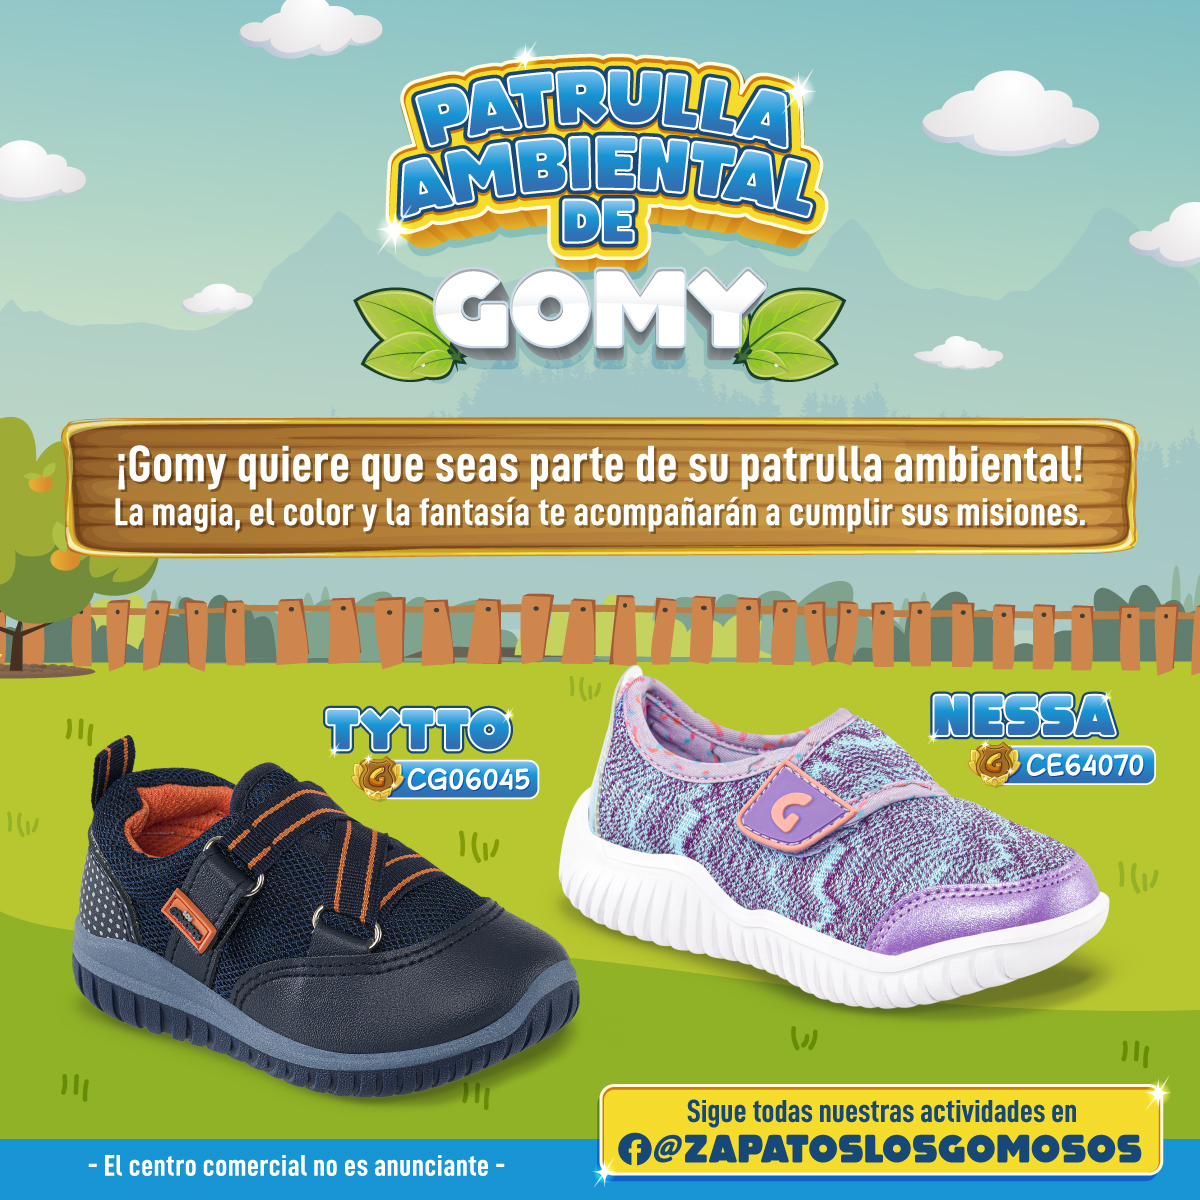 PATRULLA AMBIENTAL DE GOMY